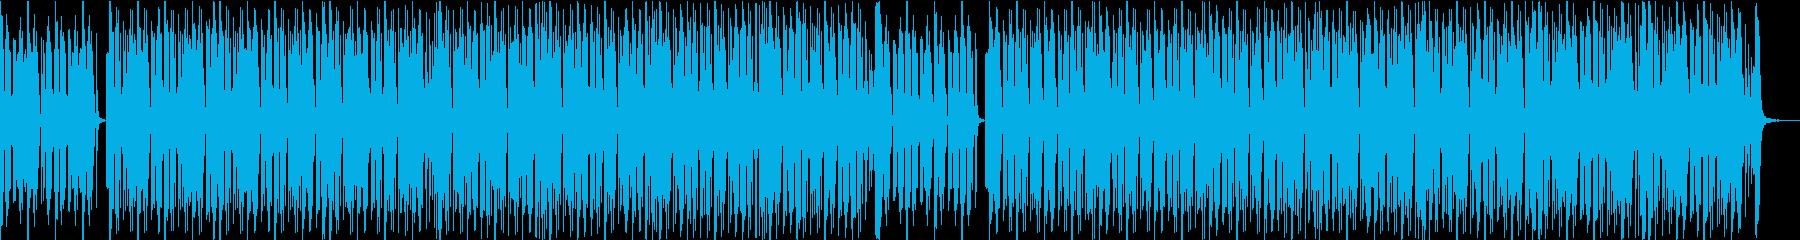 オリンピック ピクトグラムのイメージ曲の再生済みの波形